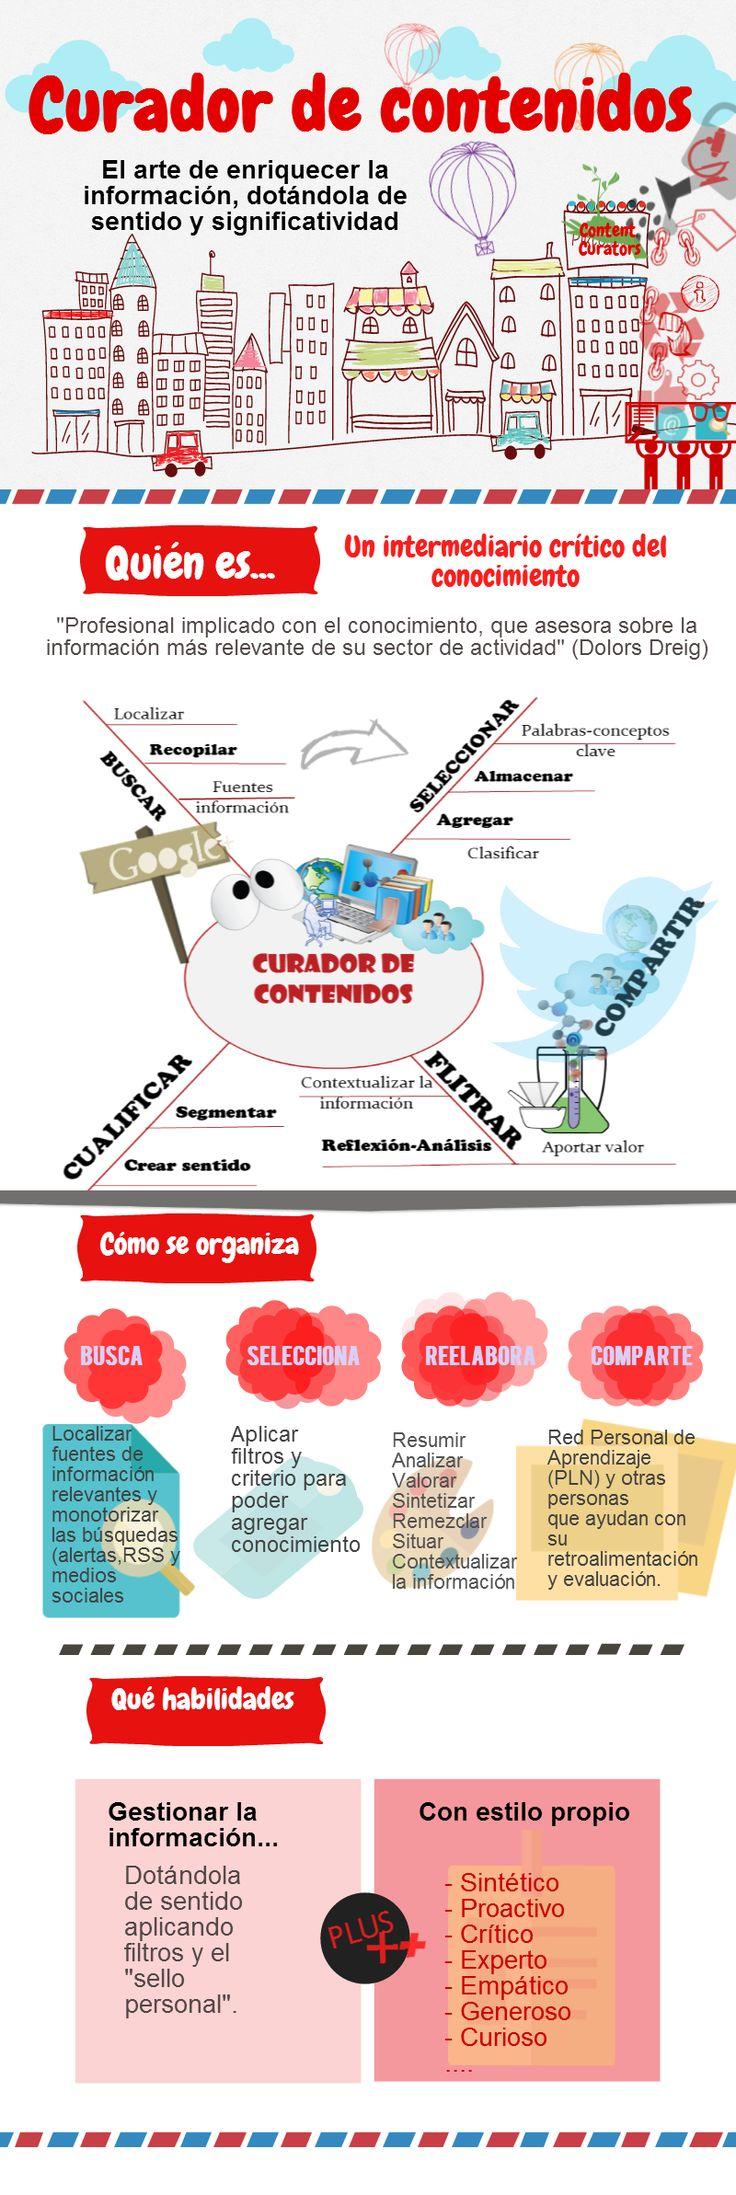 TOUCH esta imagen interactiva: Curador de contenidos (content curators) by Manuela Ruiz. Aquí mi post sobre #contentcurators Unidad-5 de #eduPLEMooc http://haciendople.tumblr.com/post/76520310081/el-curador-de-contenidos-sana-o-enriquece